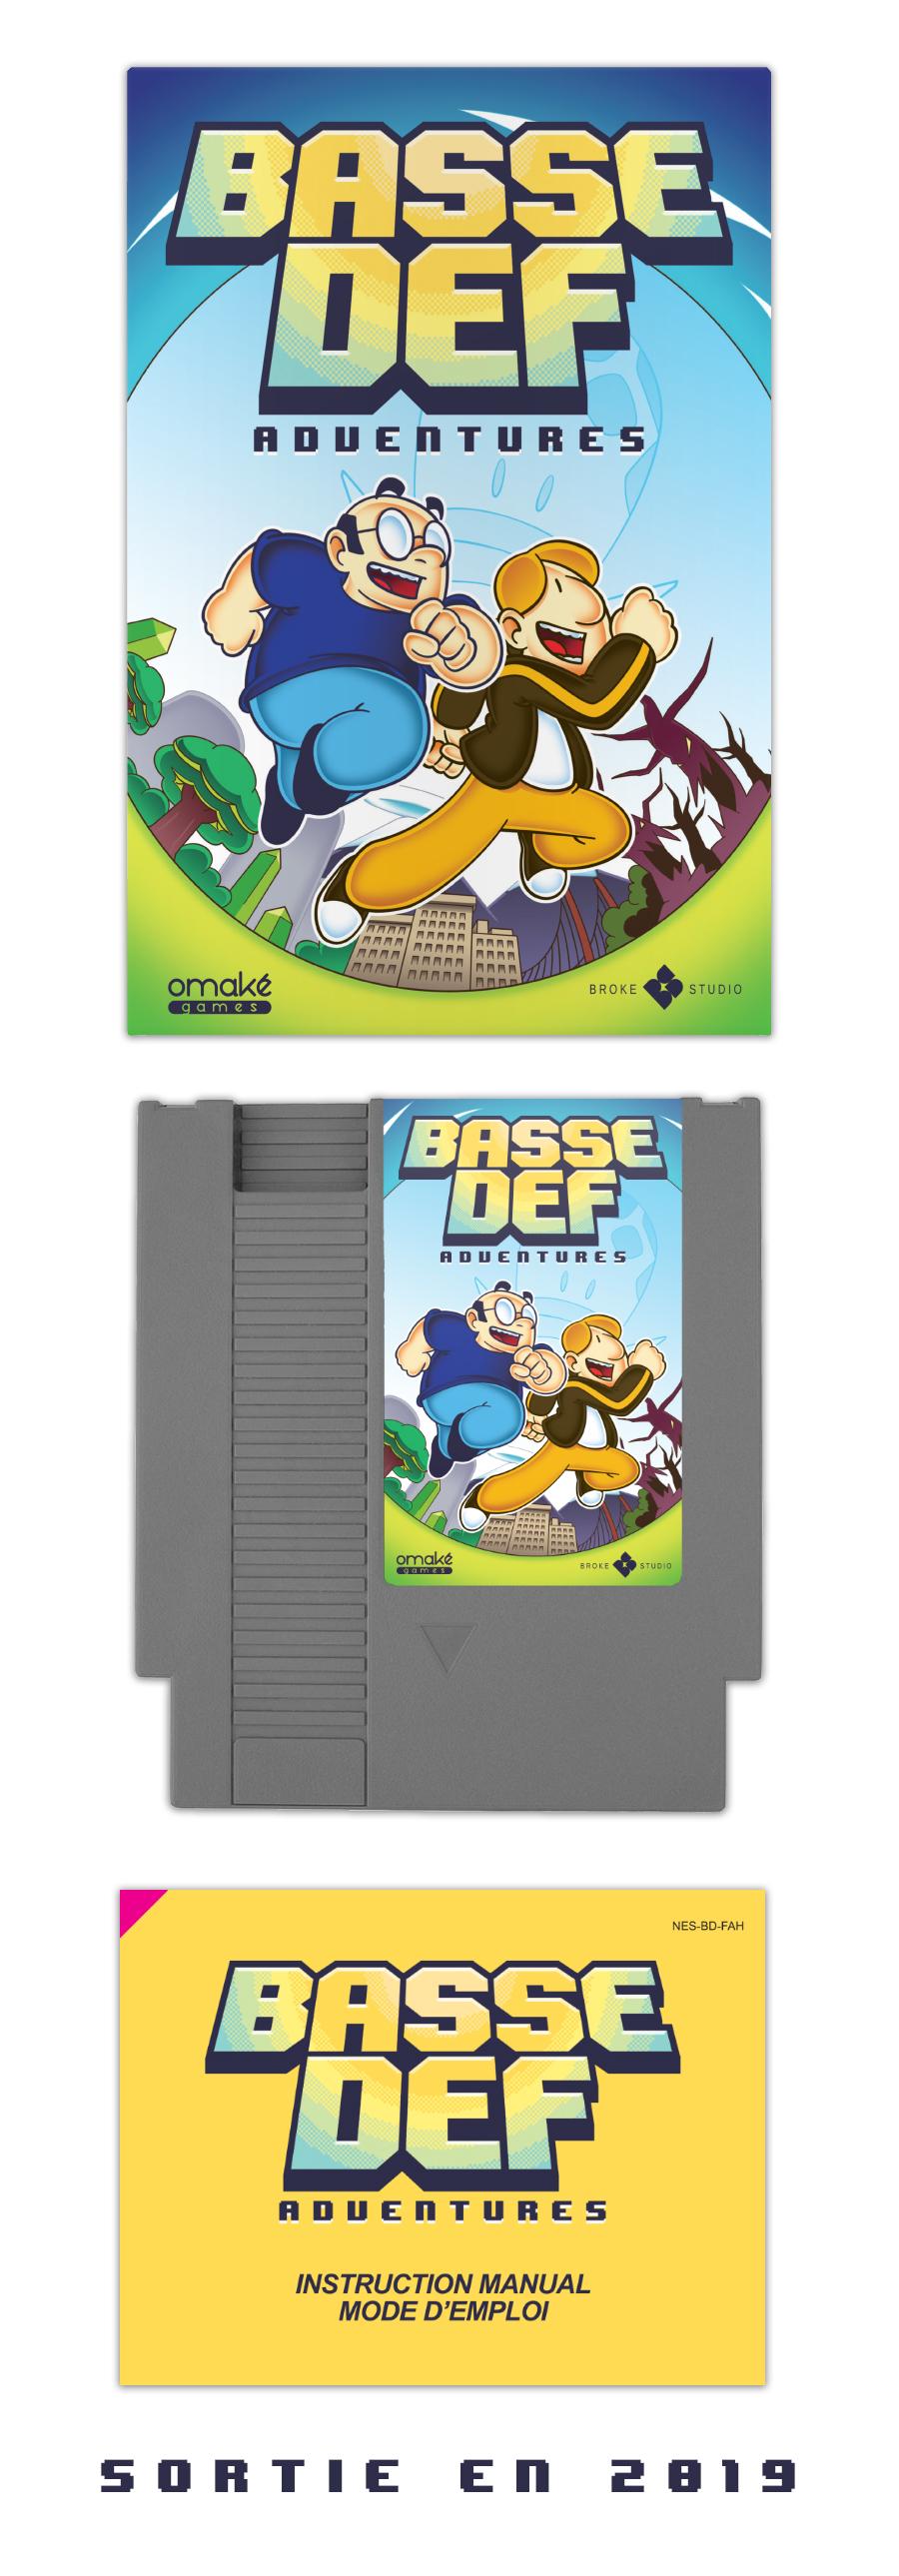 Basse Def Adventures, le jeu vidéo sur NES